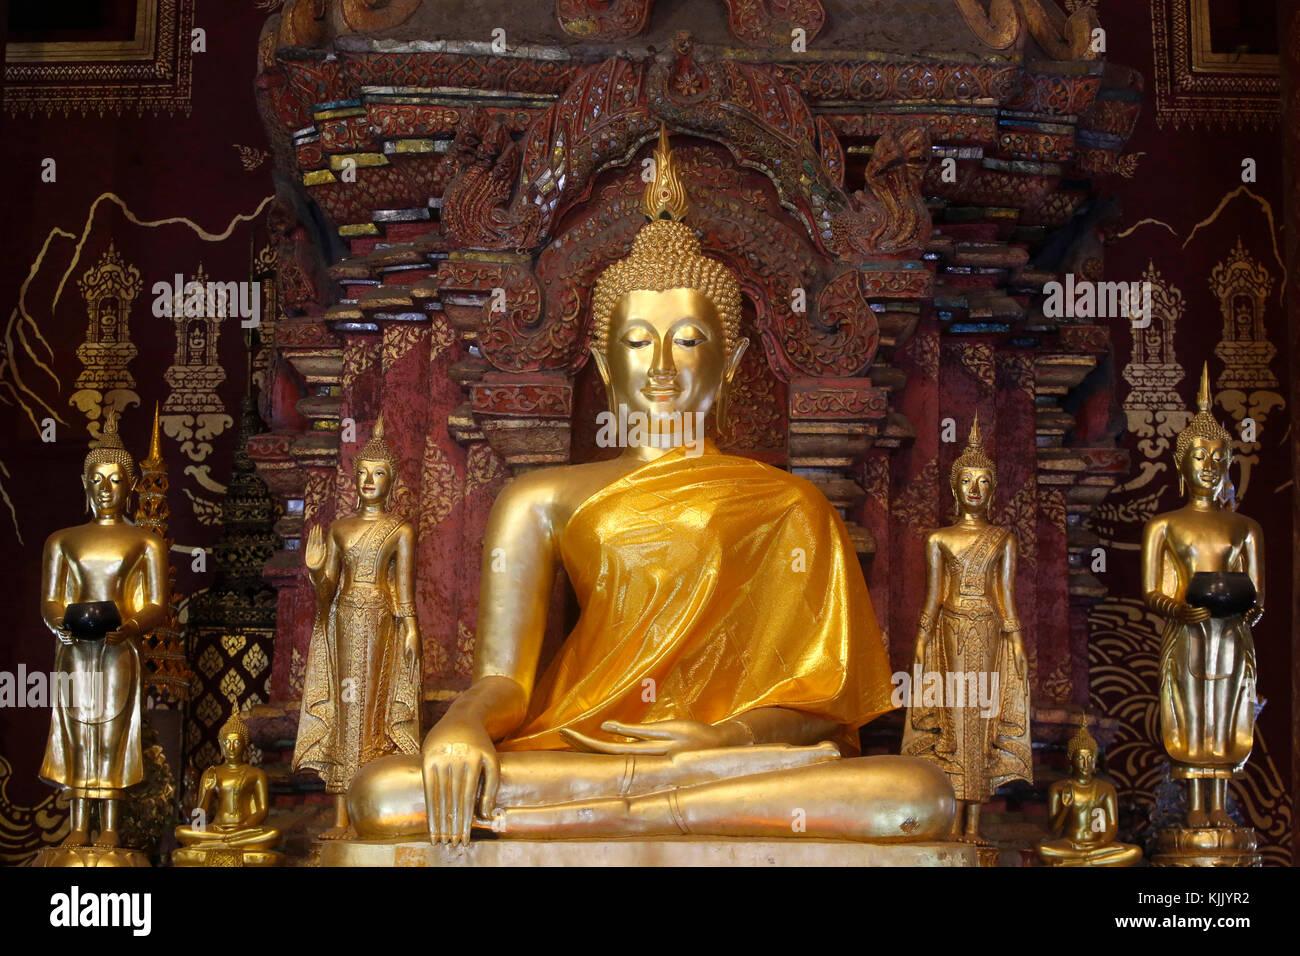 Buddha statues in Wat Chiang Mun, Chiang Mai. Thailand. - Stock Image